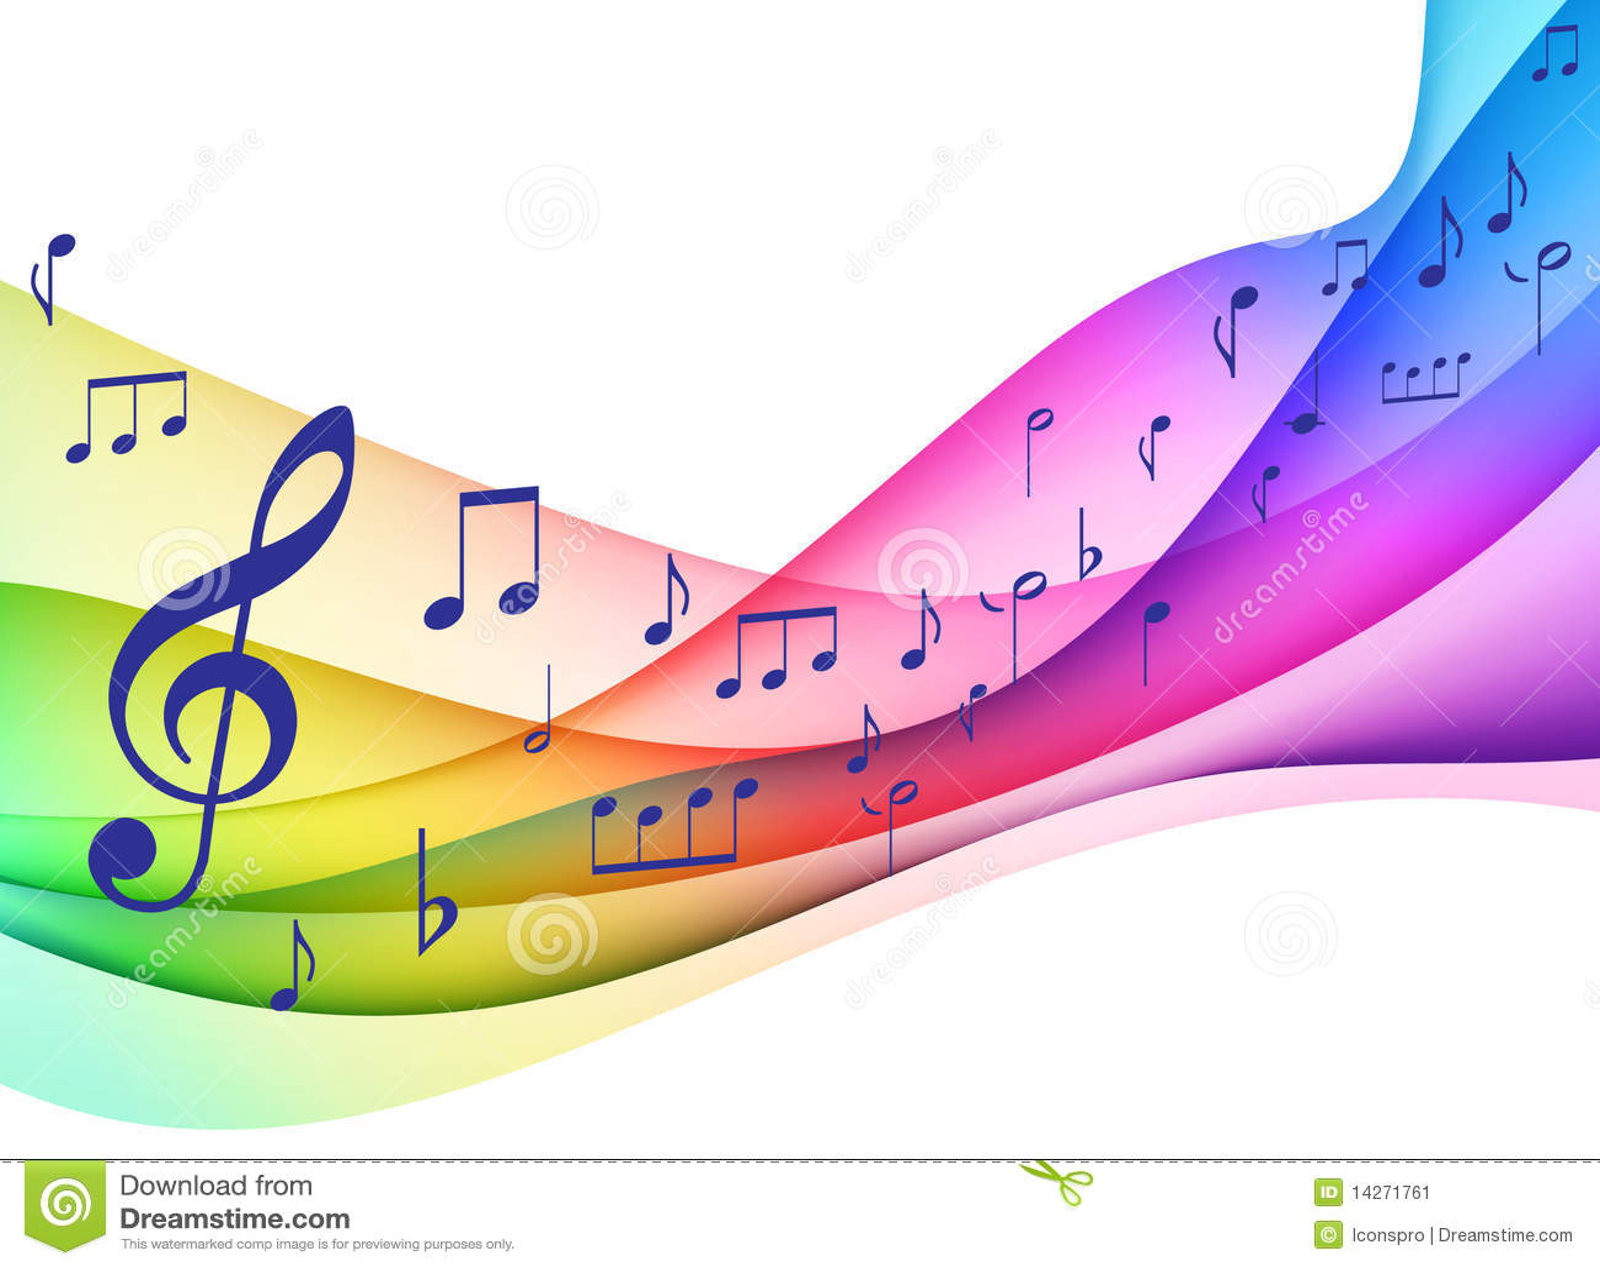 Original Illustrati de notes musicales de spectre de couleur